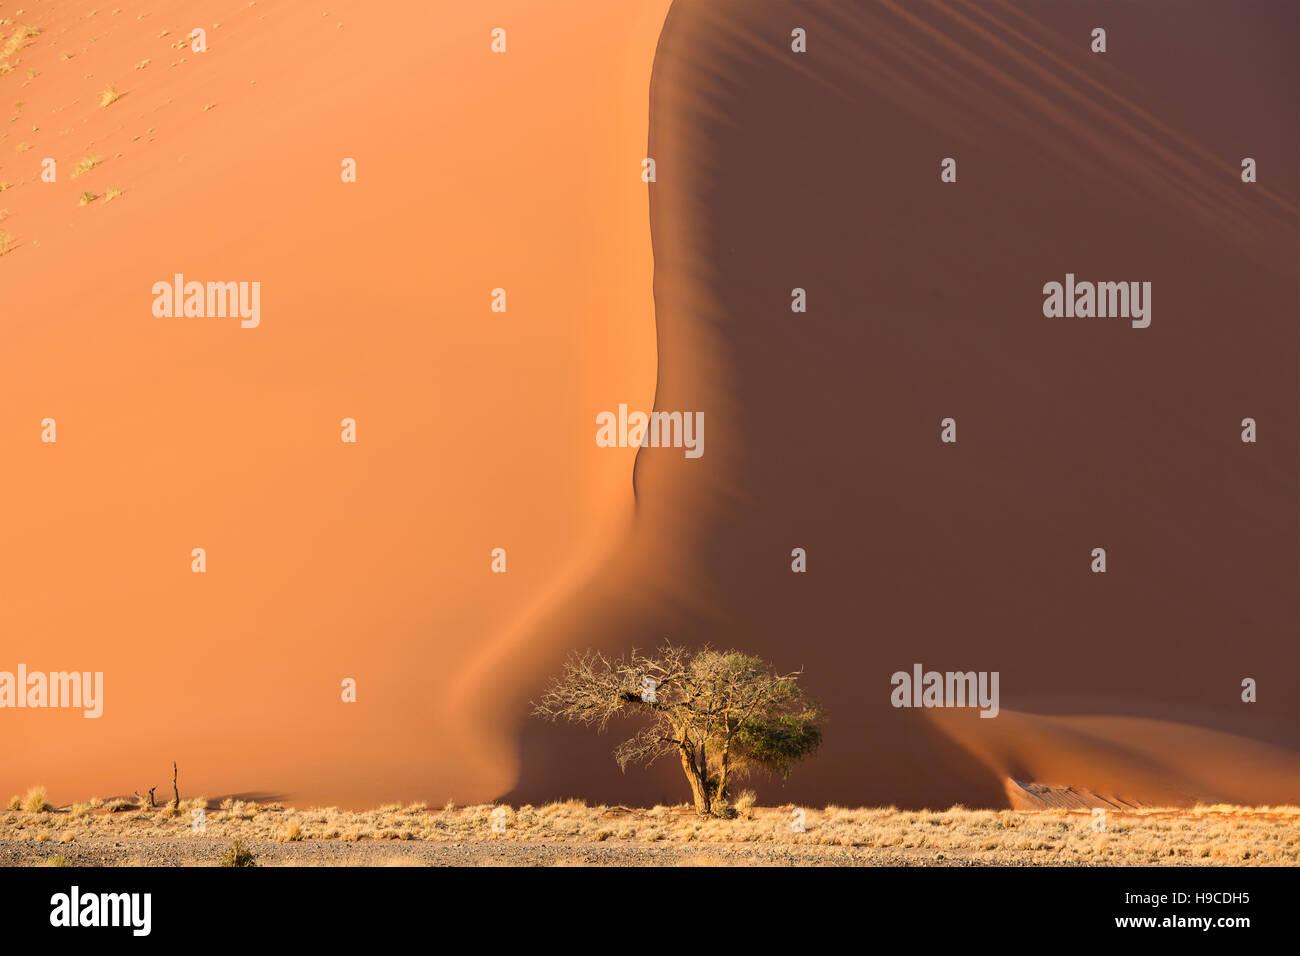 Vista de árbol cerca de duna rojo en la parte sur del desierto de Namib, en el Parque Namib-Naukluft de Namibia Imagen De Stock